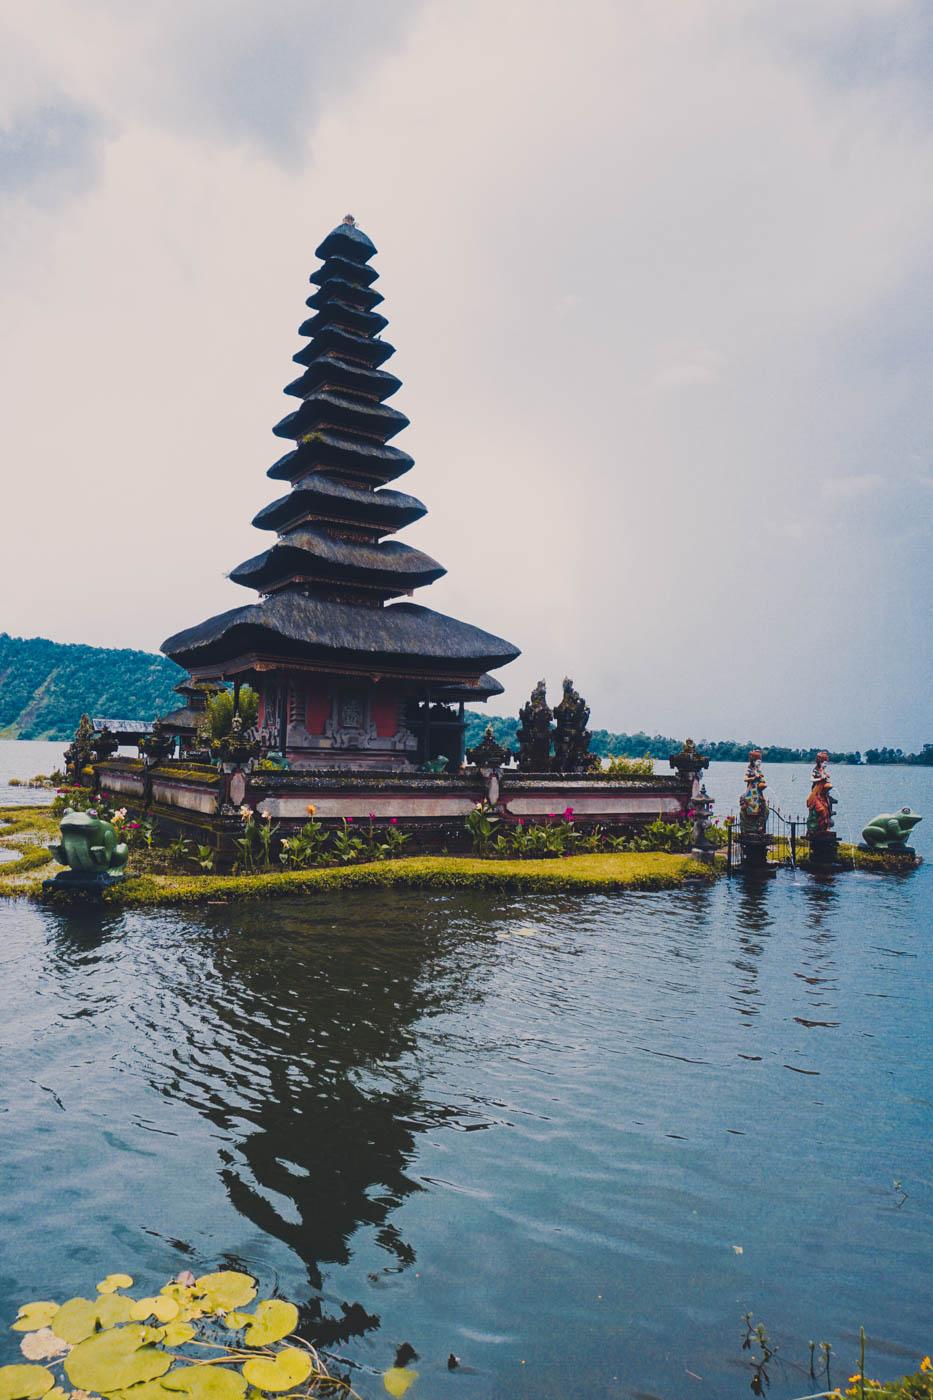 Ulun Bratan Bali Itinerary #traveldestinations #bali #beautifulplaces